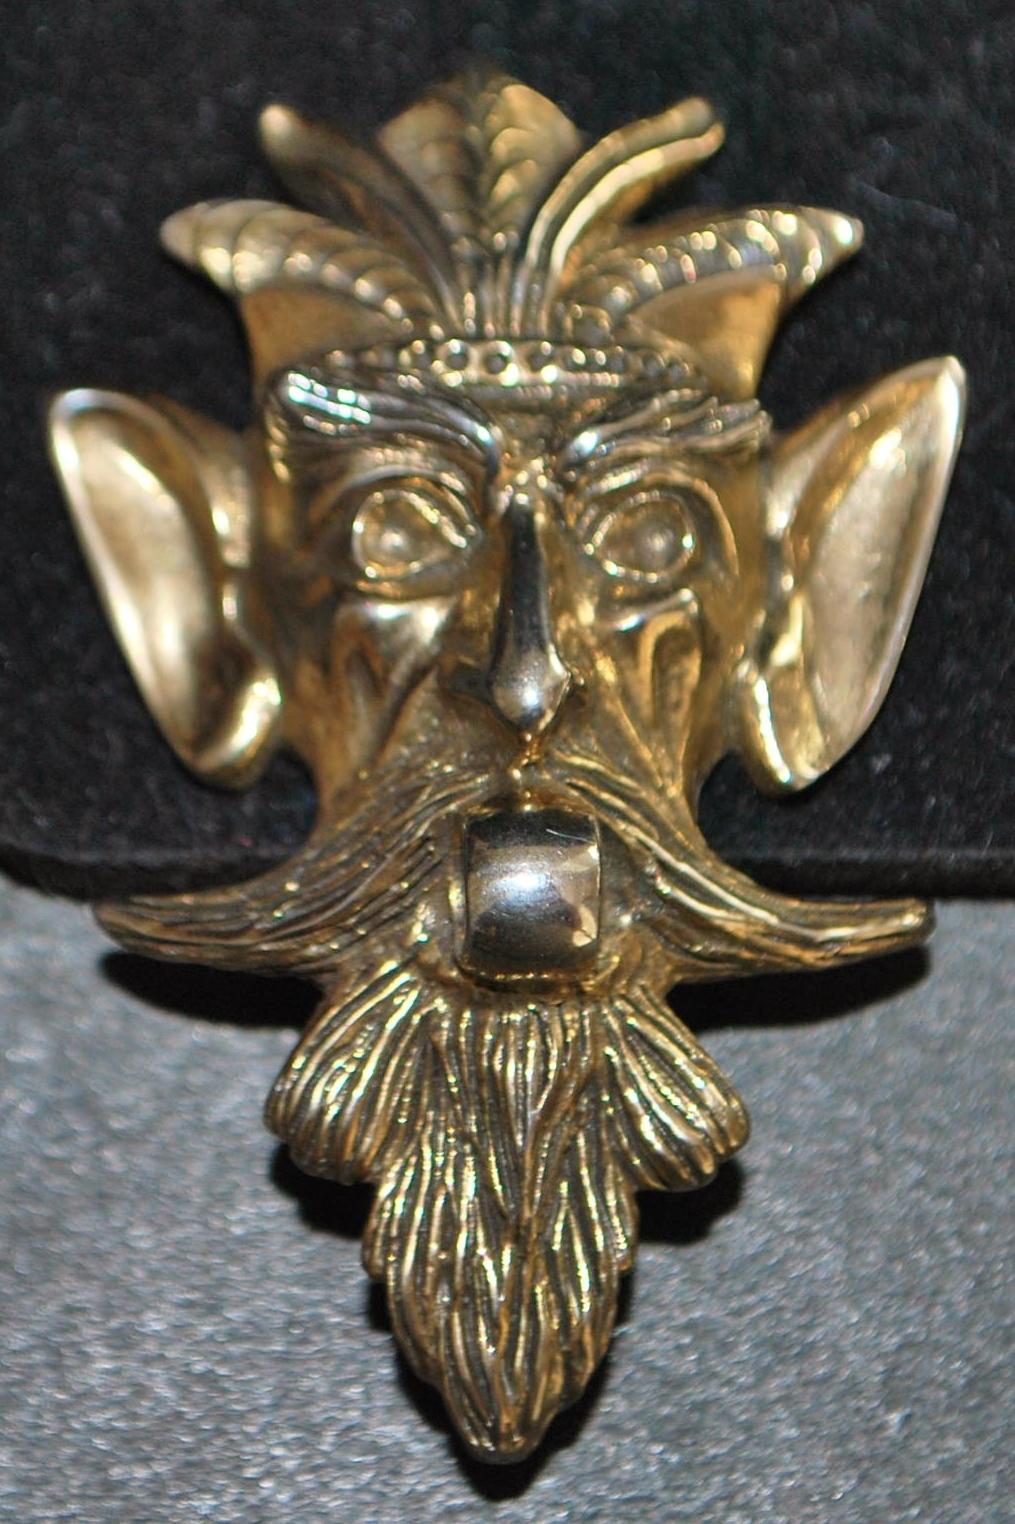 Pair of Les Bernard Large Mask  Earrings - 1980's